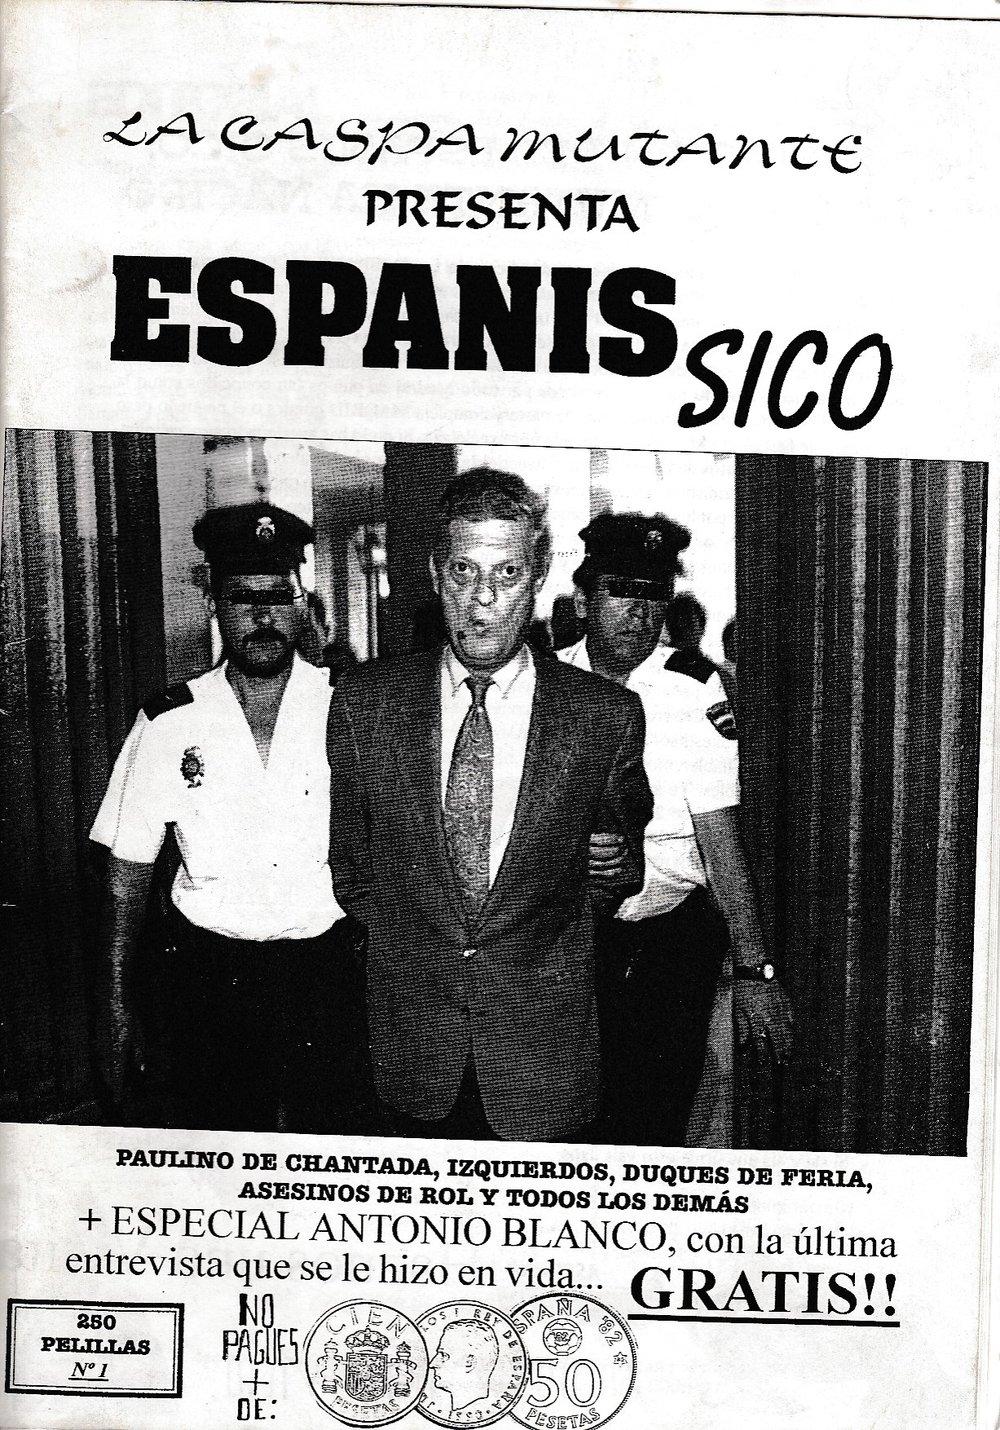 A Espanis Sico.jpg